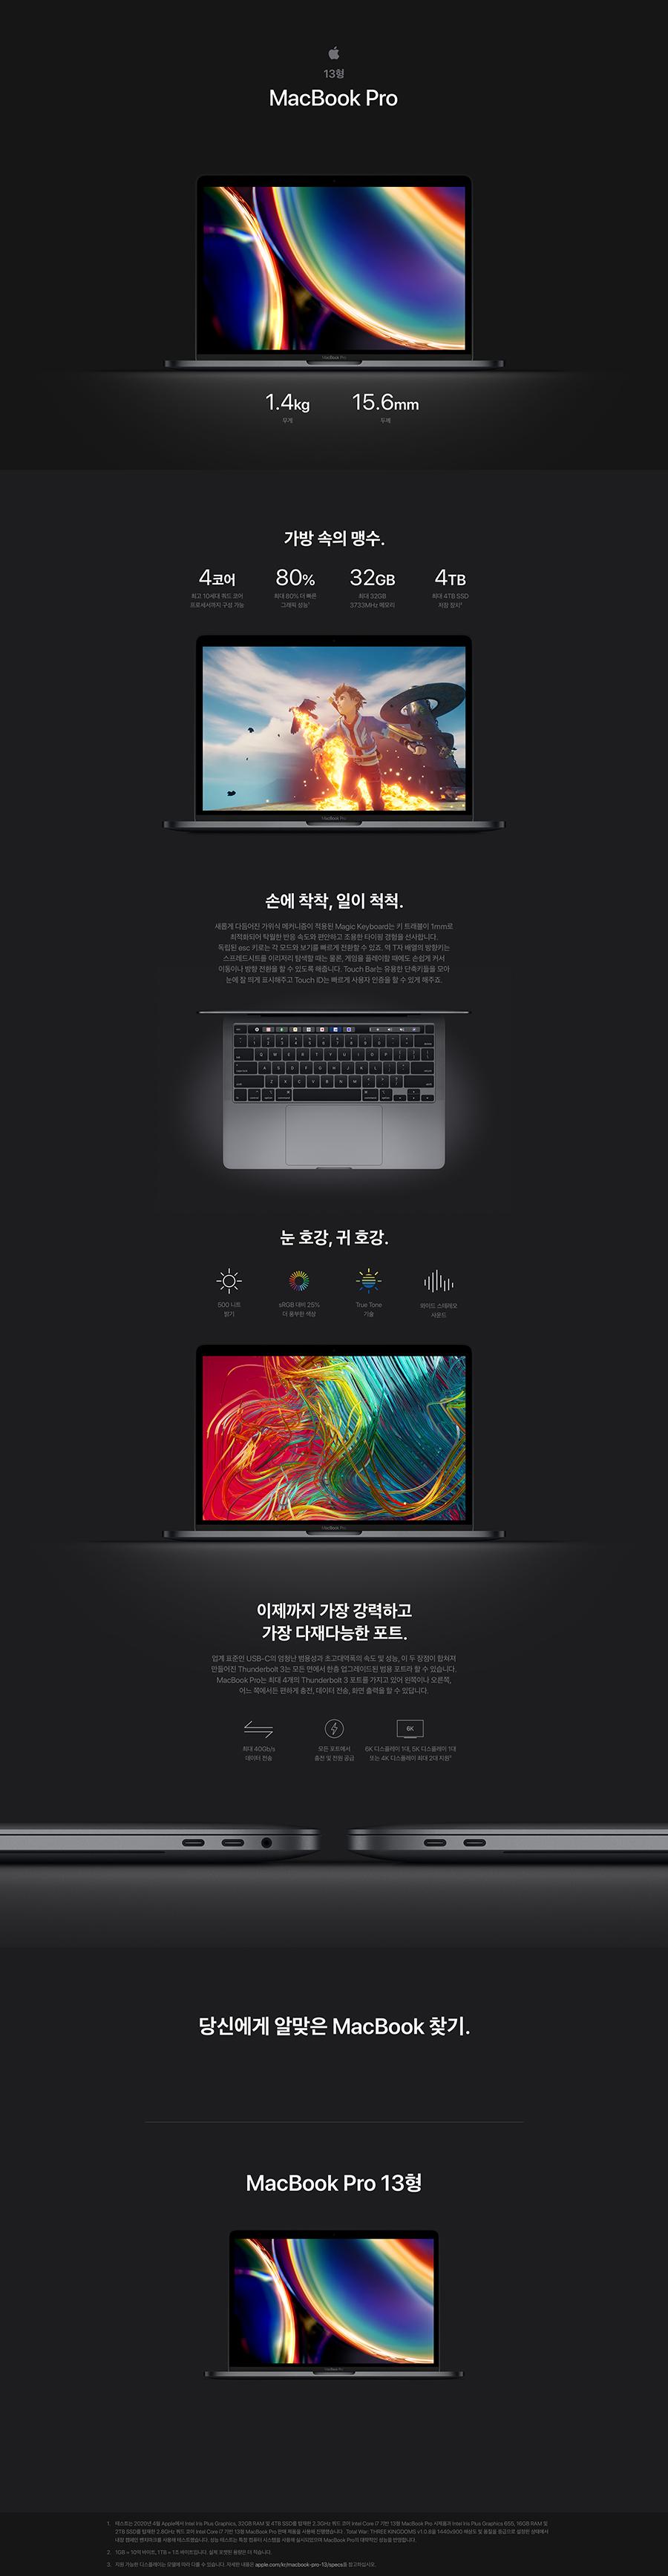 2020MacBookPro13_productpage_900_nobt.jpg